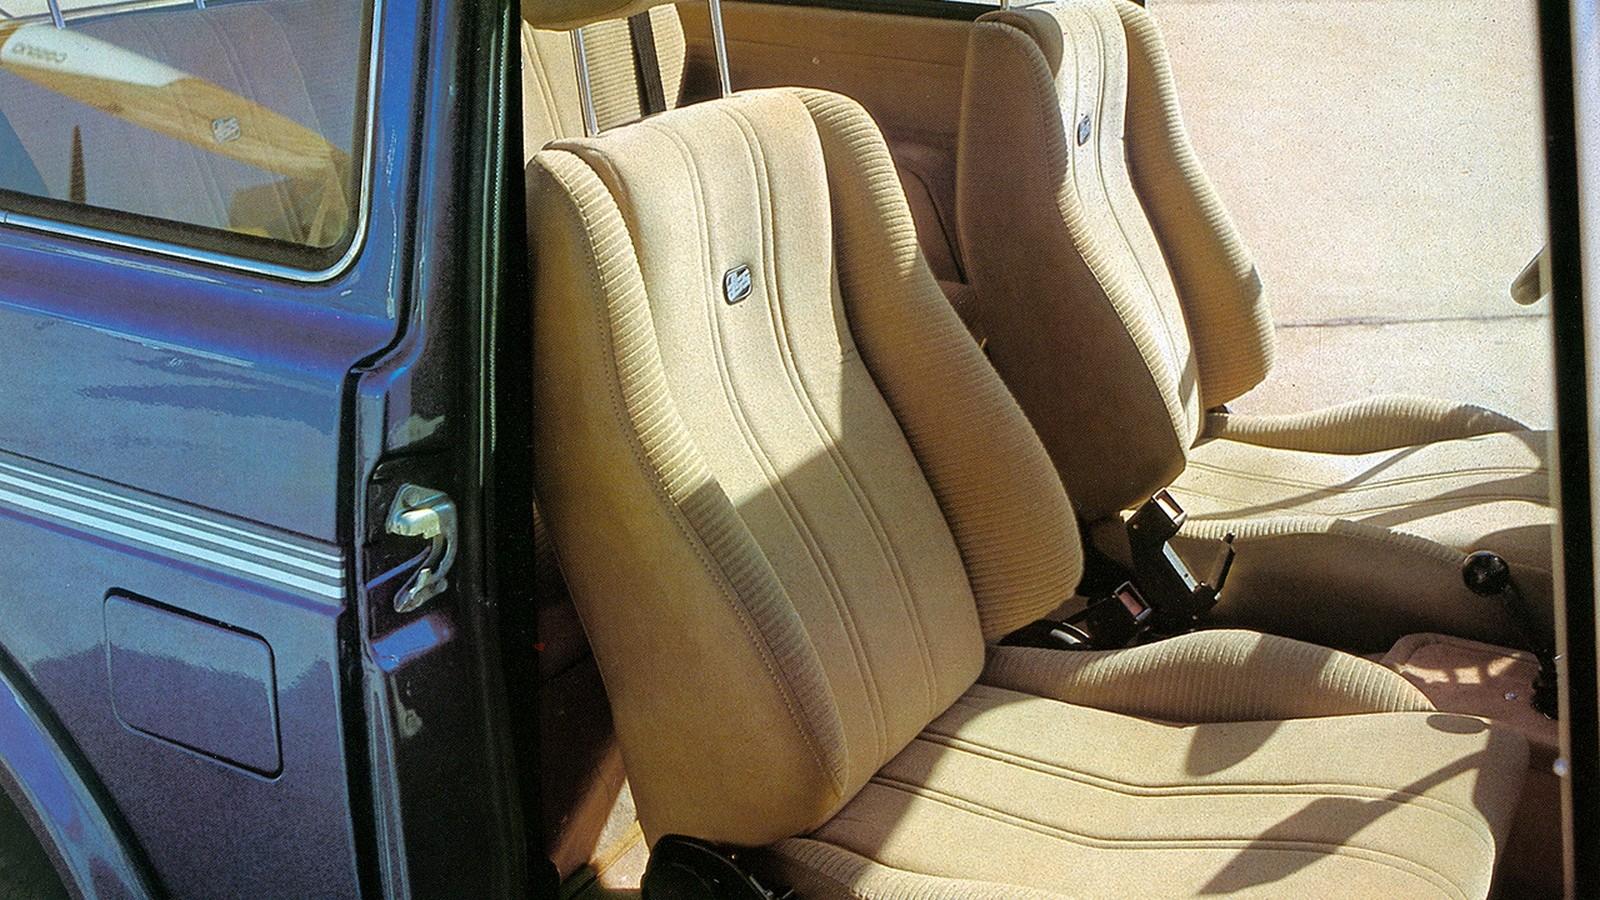 Как и на Запорожцах, для доступа на заднее сидение требовалось откинуть спинку переднего кресла. Однако на комфорте водителя и пассажира это не сказывалось